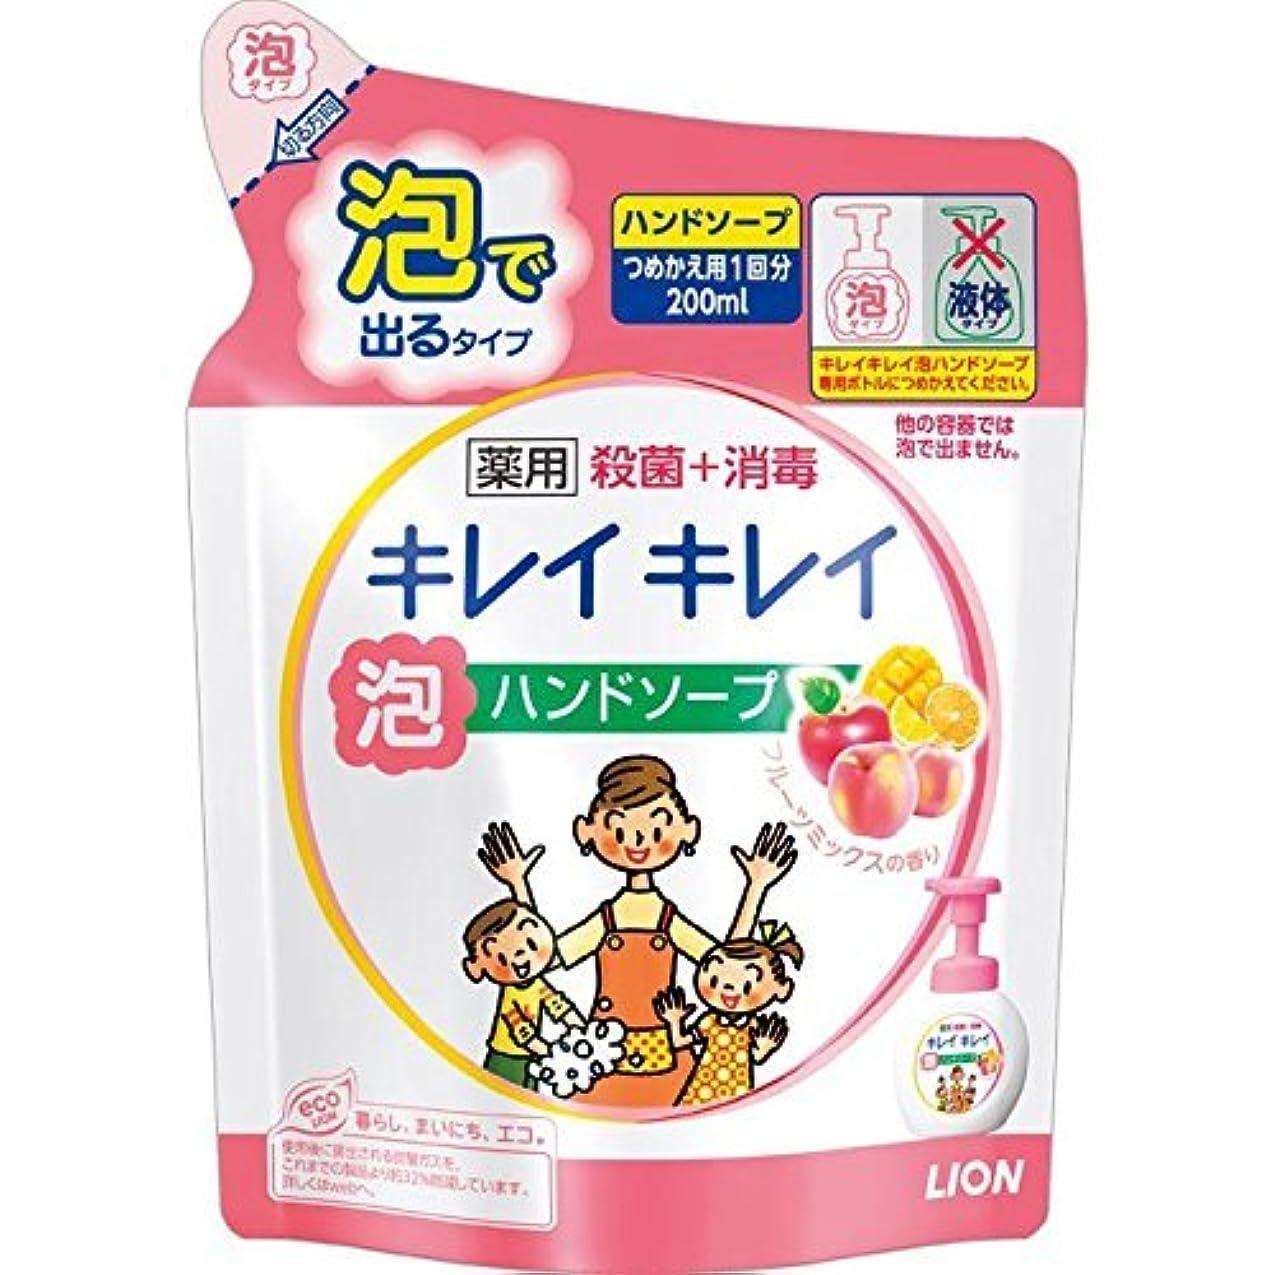 現れる孤独望みキレイキレイ 薬用泡ハンドソープ フルーツミックスの香り つめかえ用 通常サイズ 200ml ×20個セット